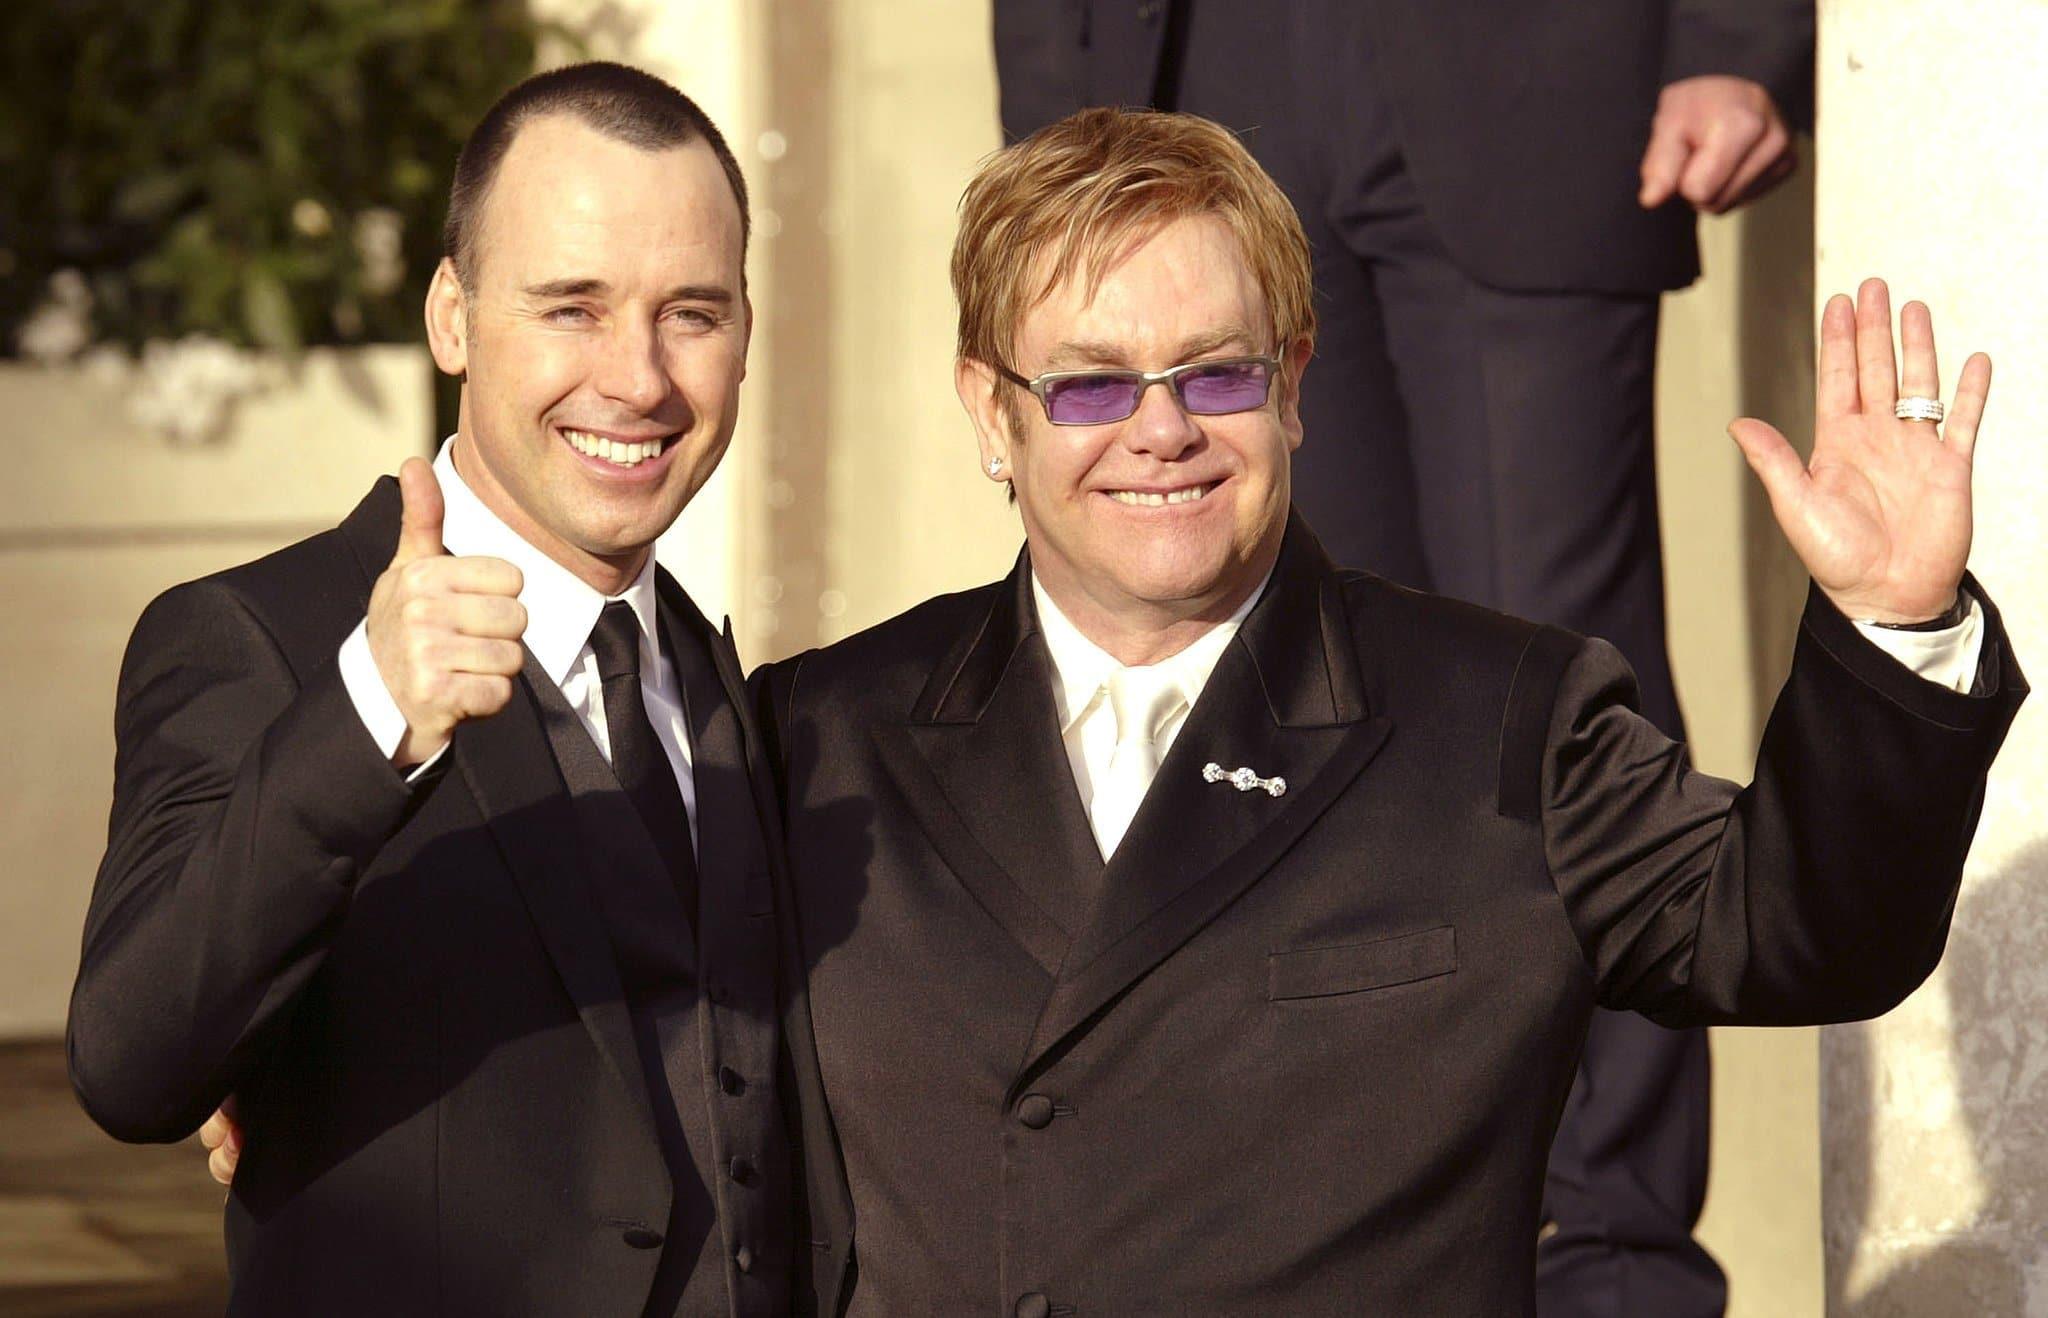 Elton-John-David-Furnish engagement ring